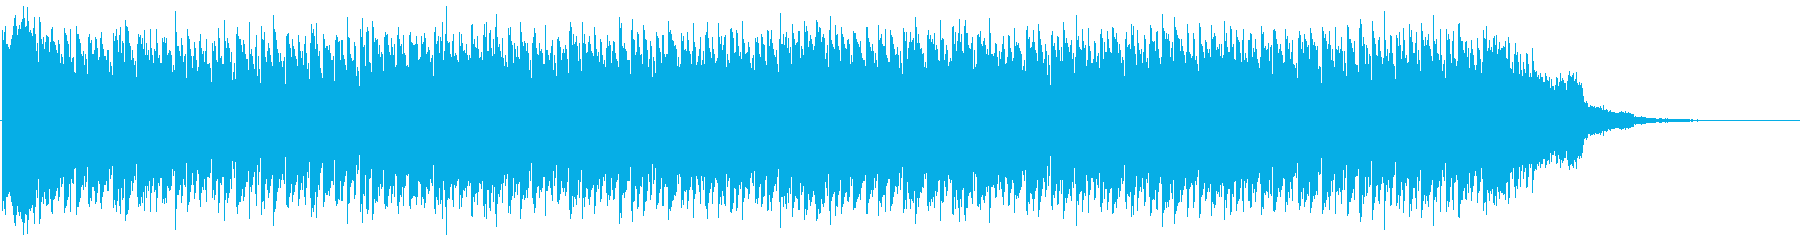 リフが細かく動くユーロビートの再生済みの波形